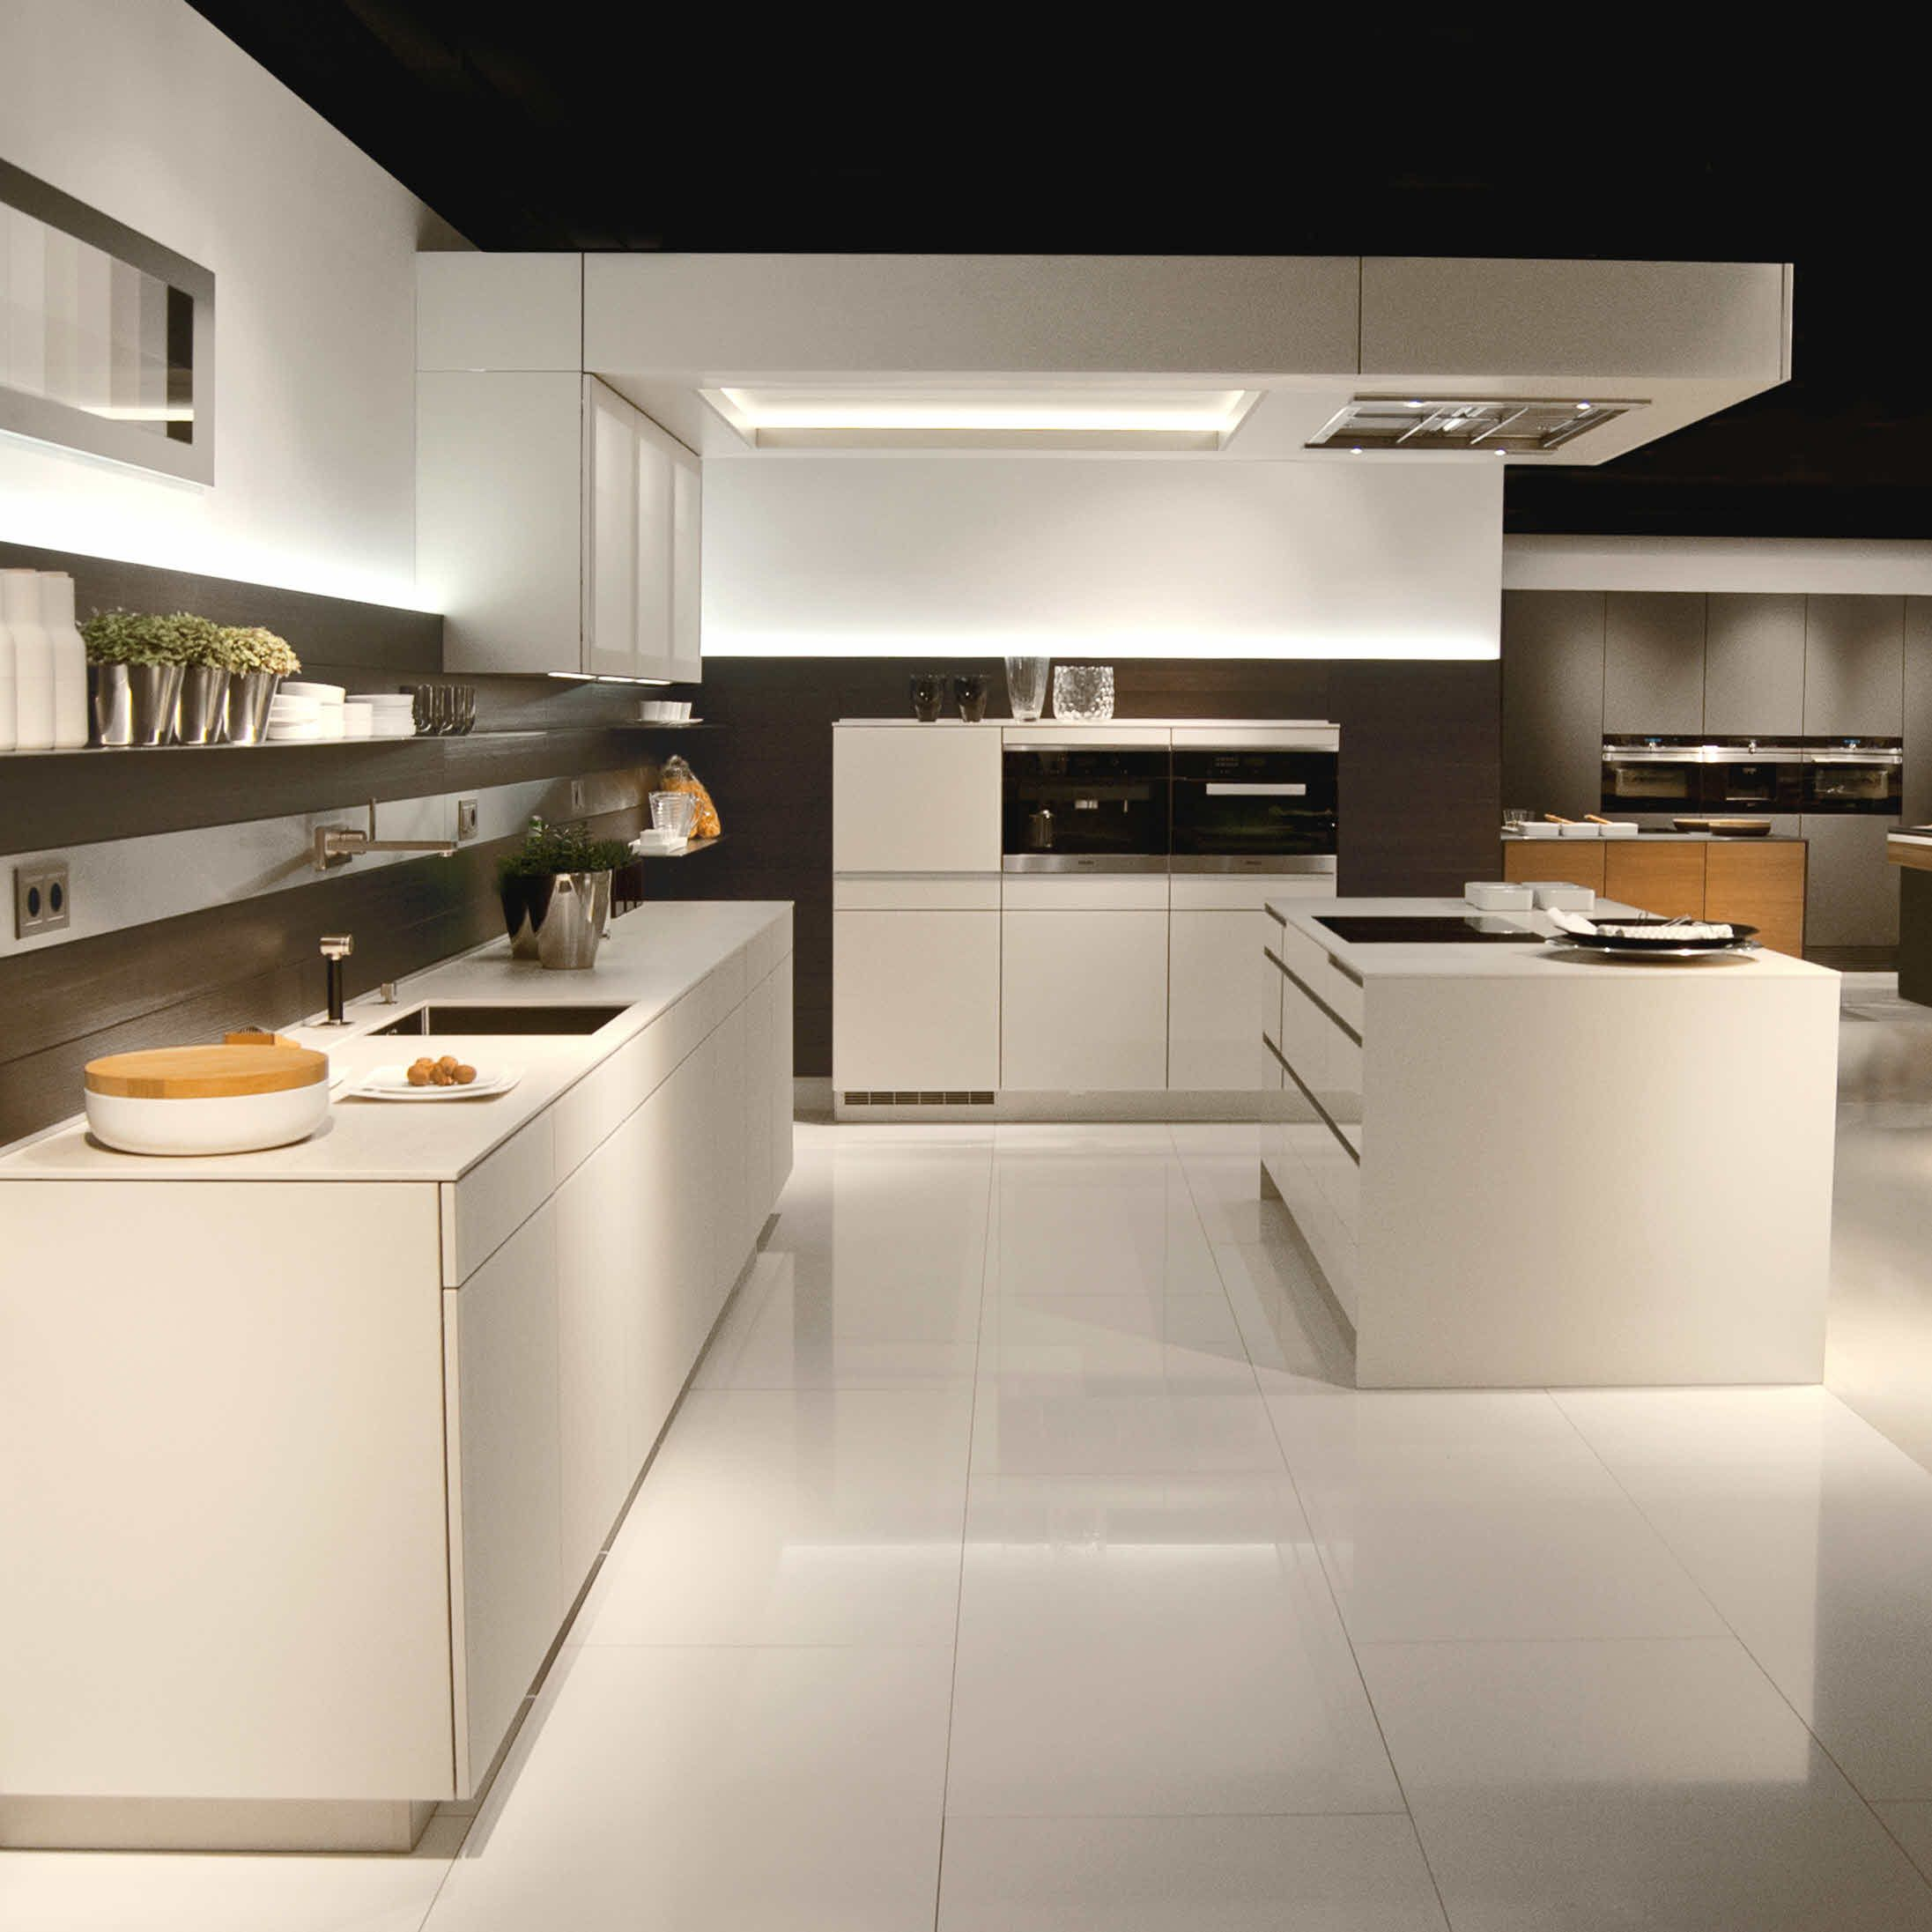 Berühmt Küche Design Center Sacramento Zeitgenössisch - Ideen Für ...